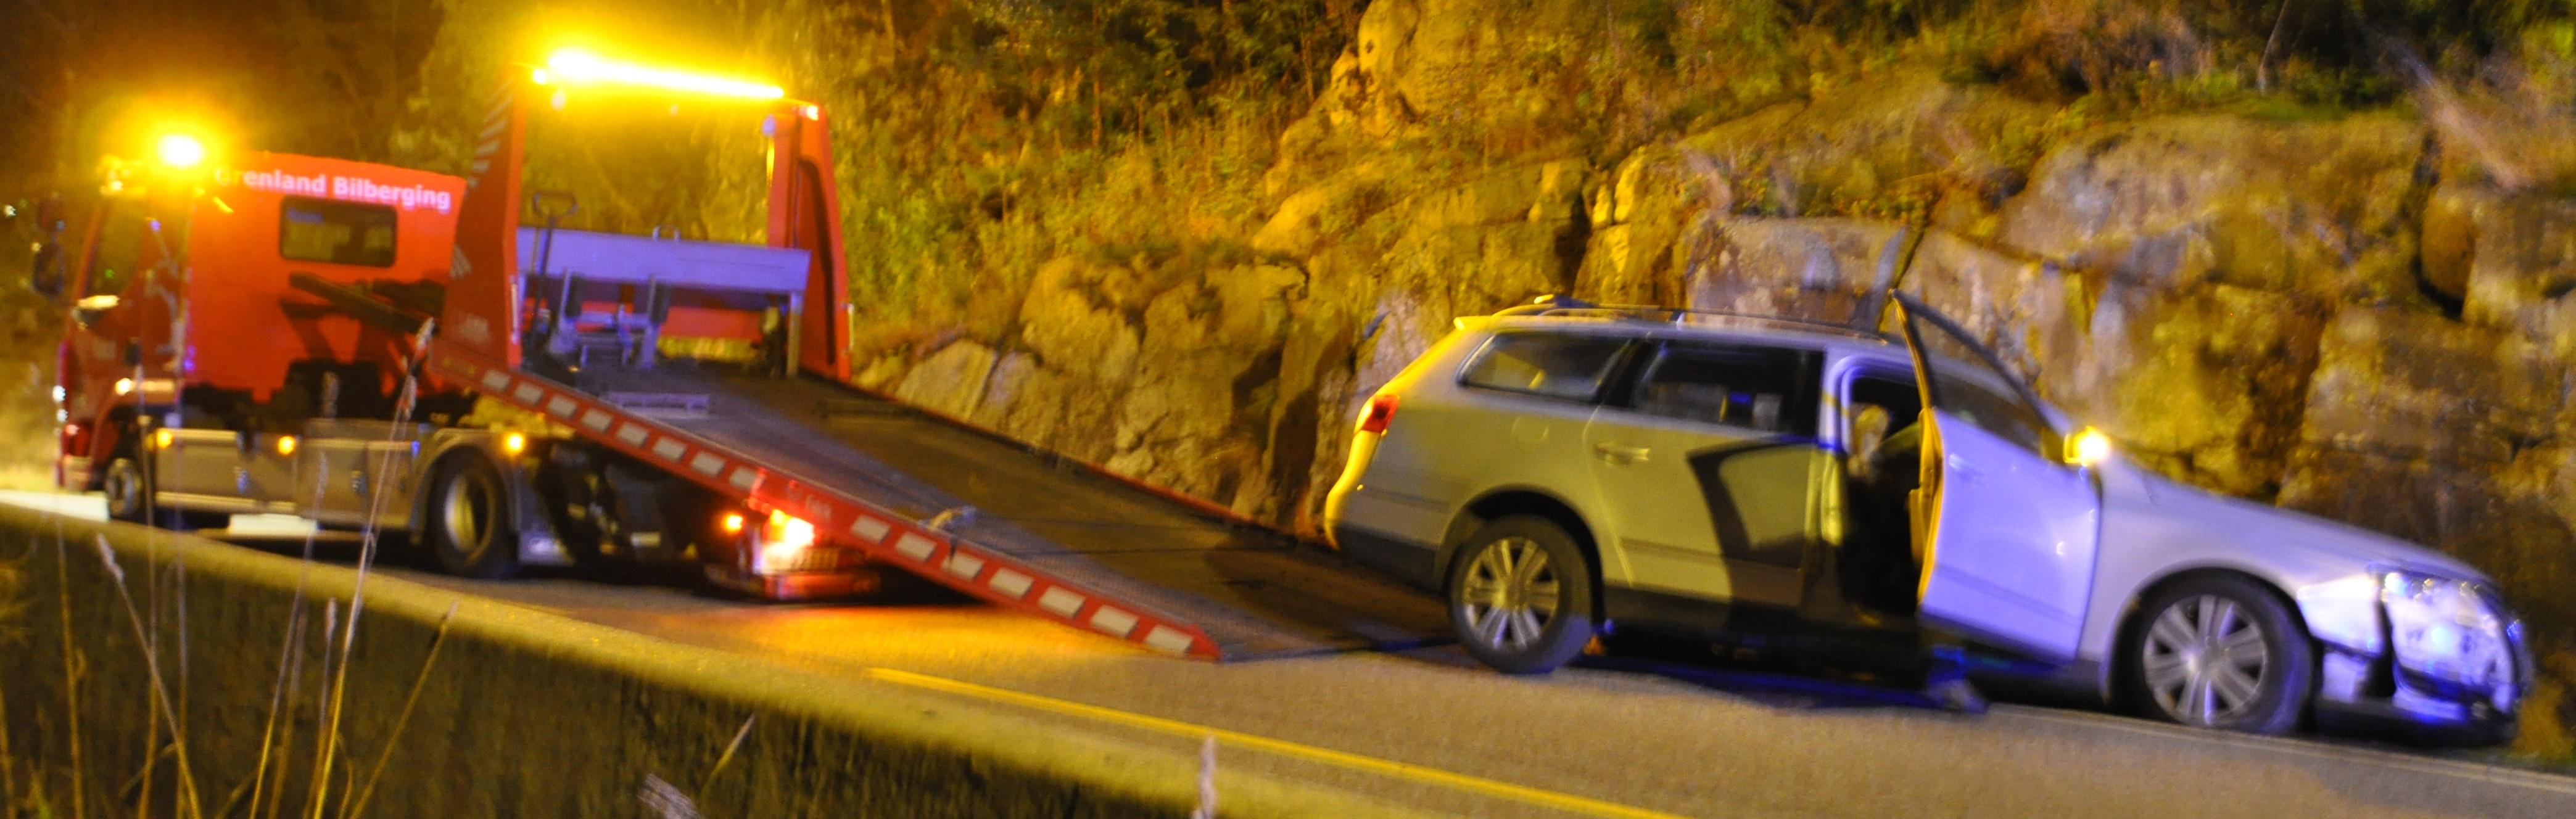 En bilfører kjørte rett i fjellveggen. Ble kjørt til sykehuset for en undersøkelse